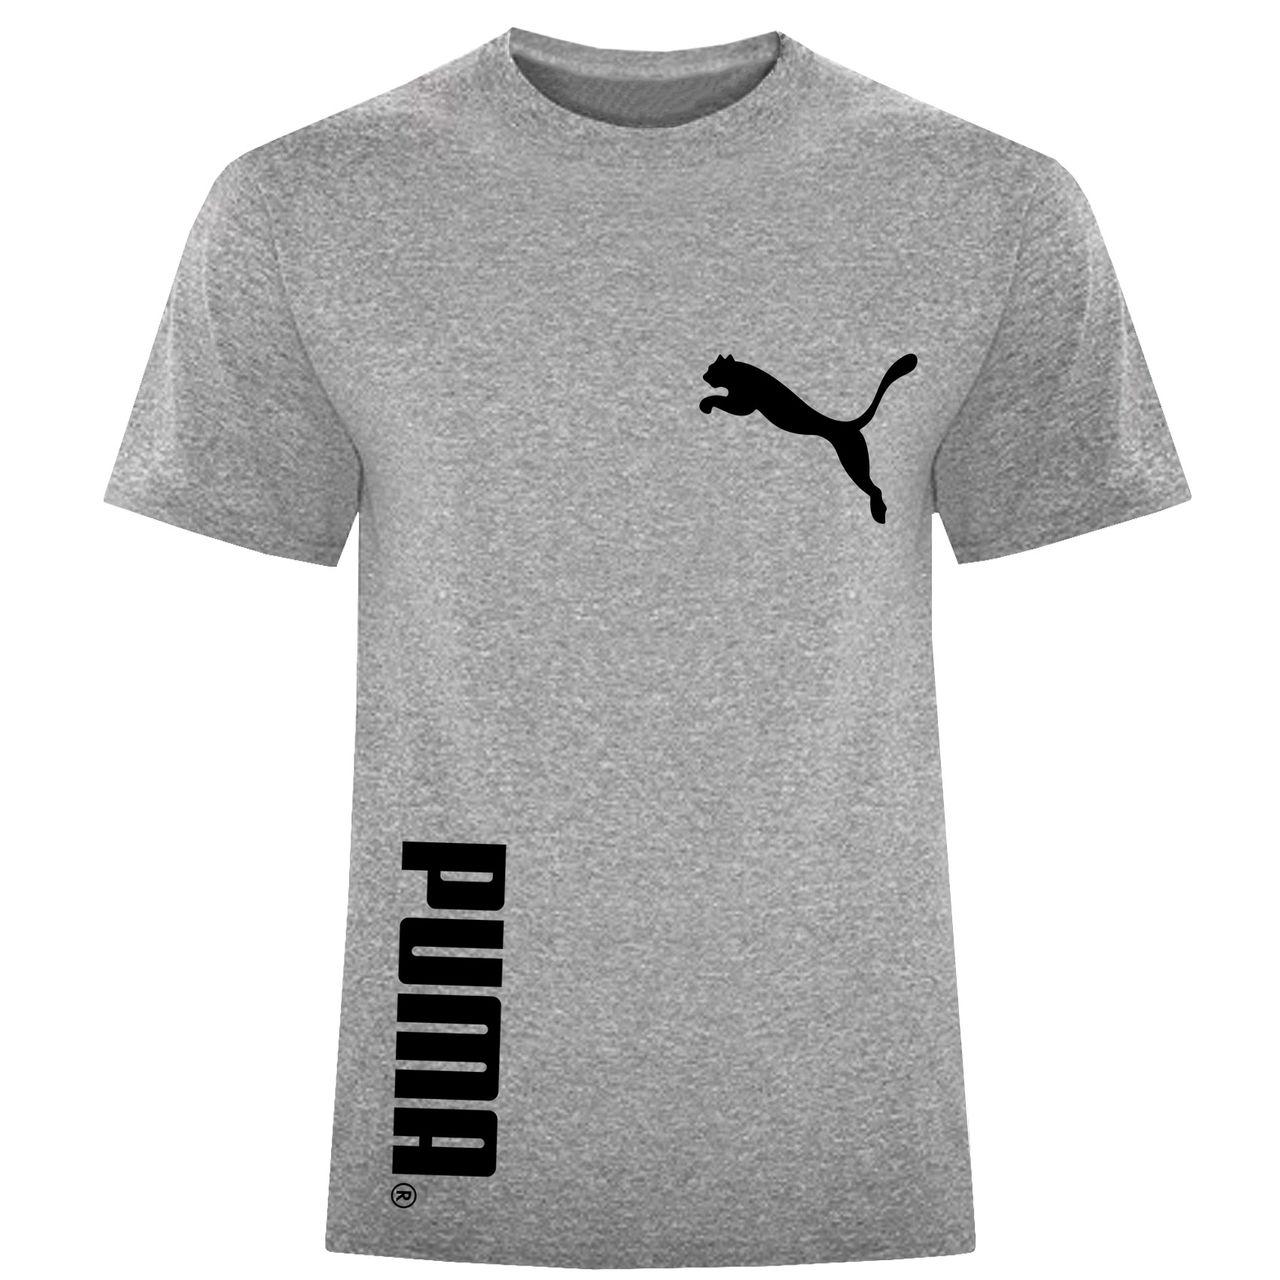 تی شرت مردانه کد S179                     غیر اصل